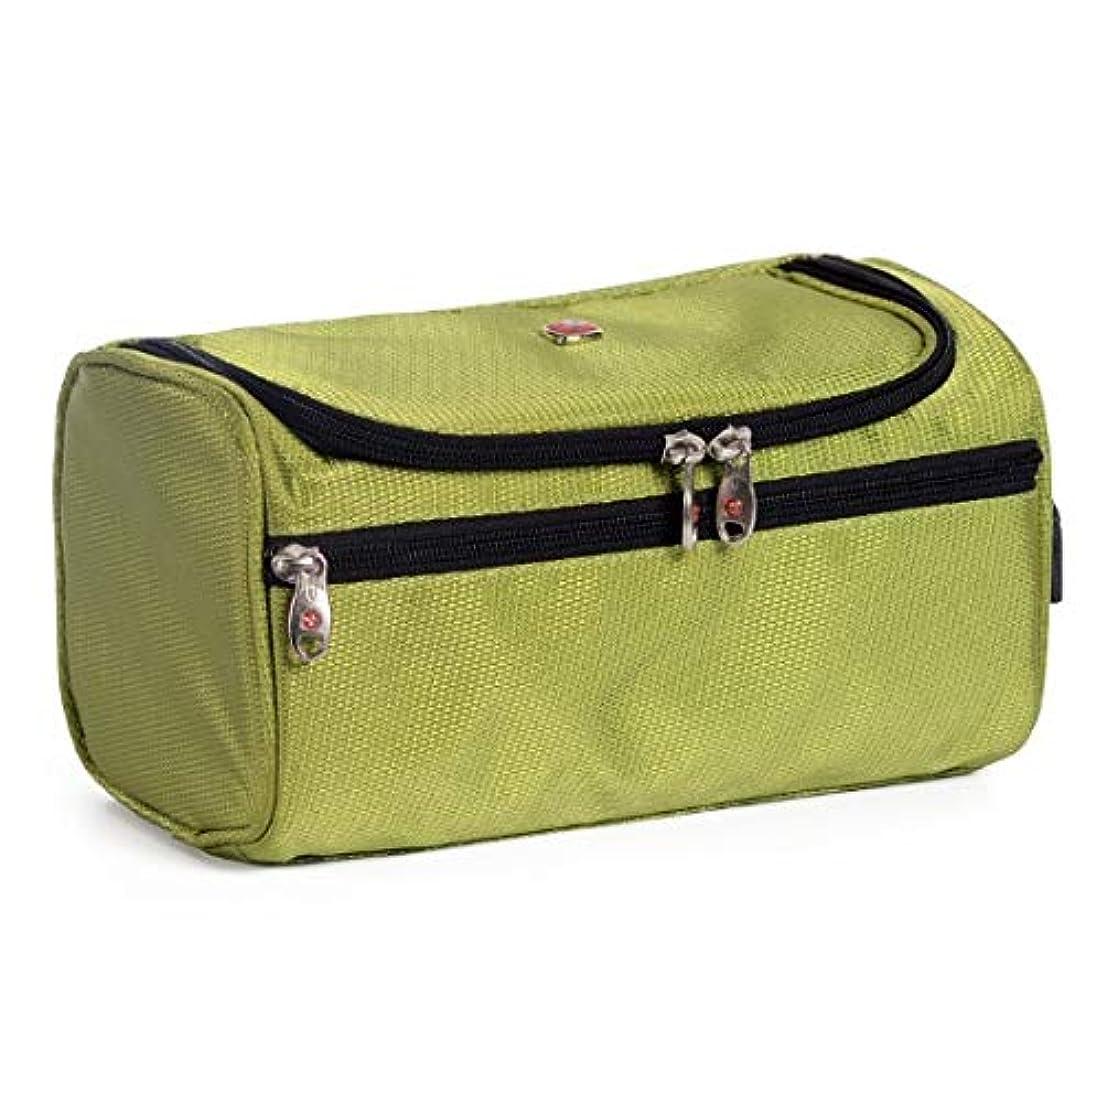 ニュースペンフレンド削る美容バッグ、ポータブルトラベルバッグキット、ポータブル収納オーガナイザー、メンズウォッシュバッグ (Color : グリンー)